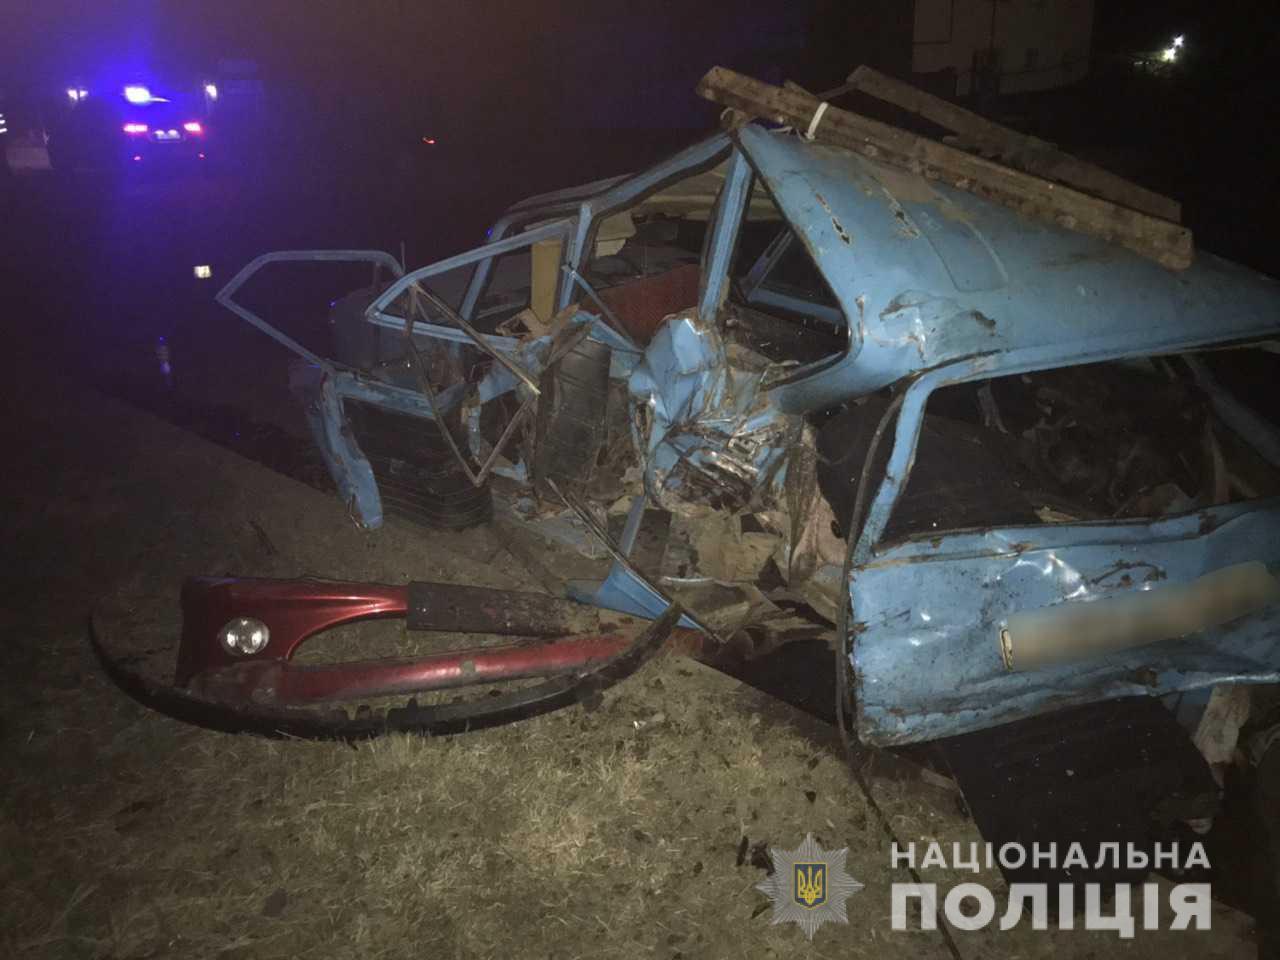 Жахлива аварія у Мукачеві: водій іномарки врізався у припаркований автомобіль із шістьма пасажирами